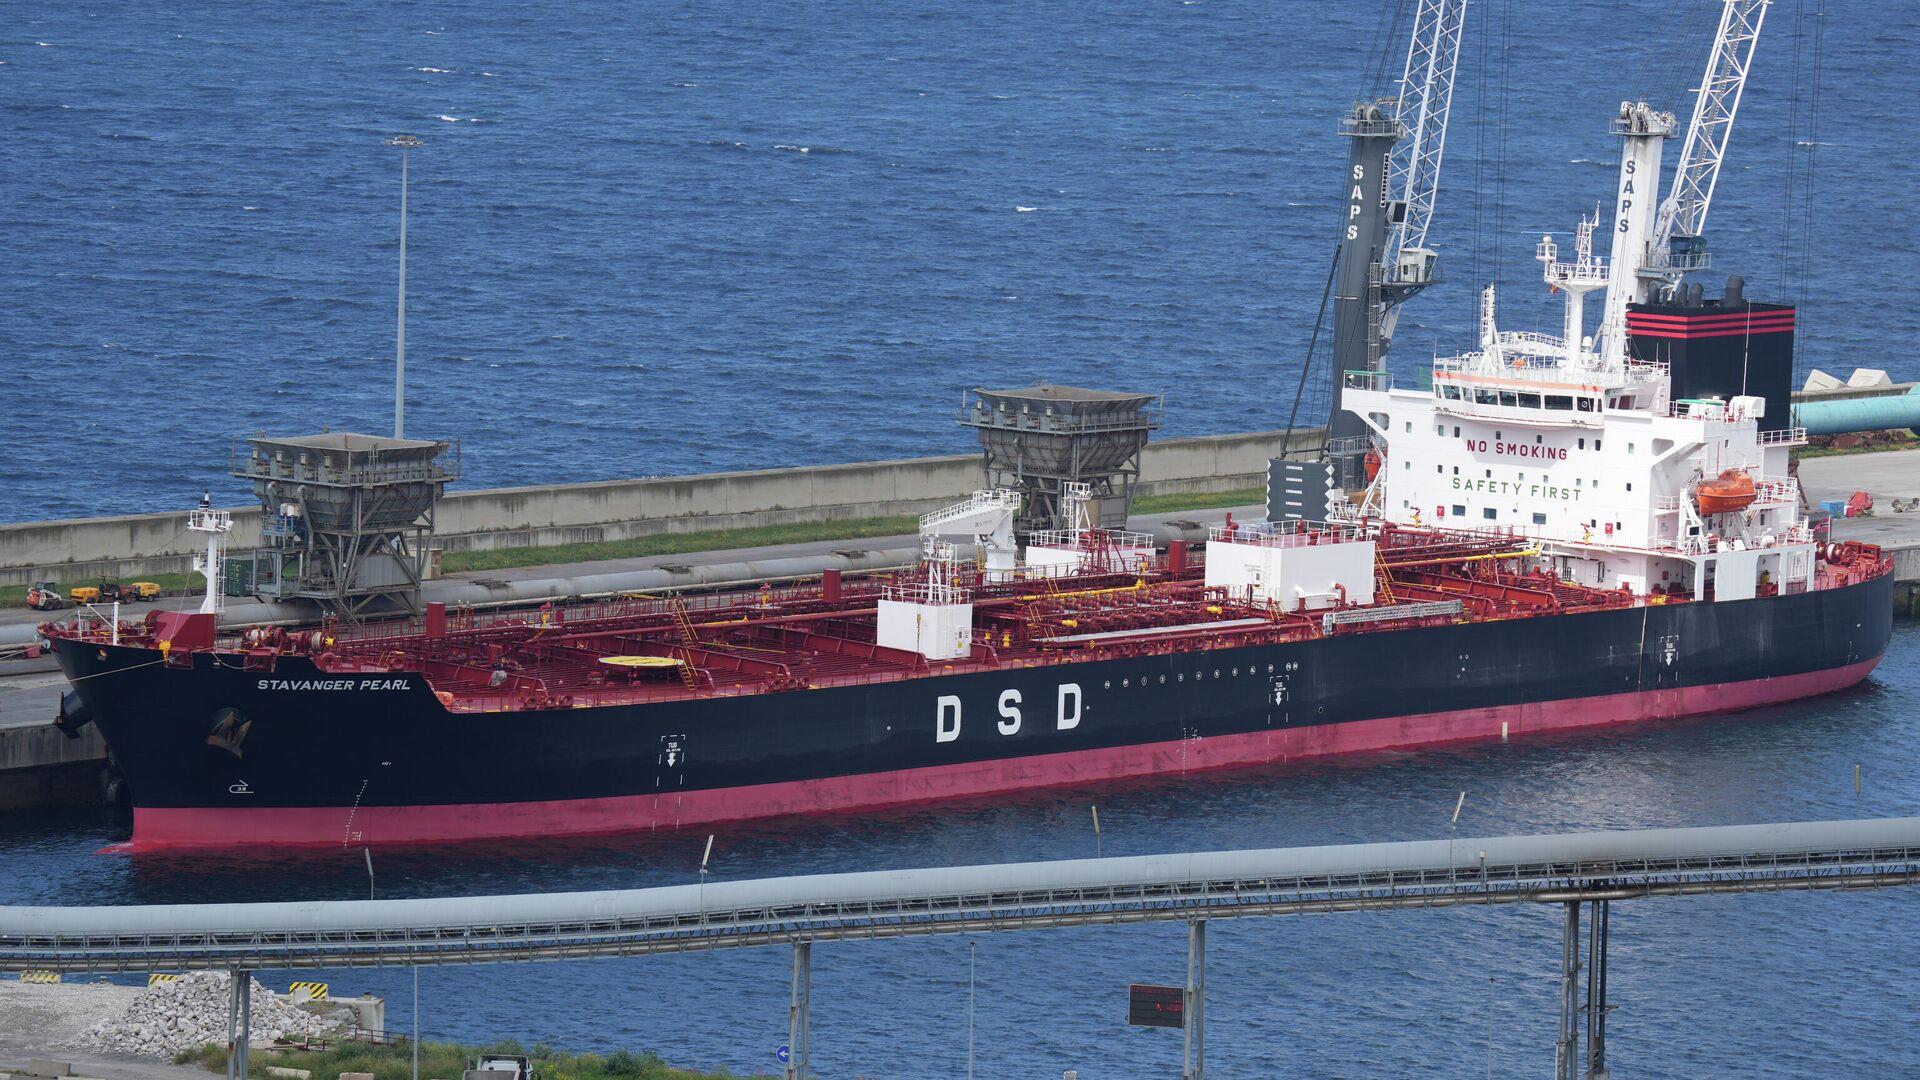 Buque mercante Stavanger Pearl, atracado en Bilbao - Sputnik Mundo, 1920, 04.05.2021